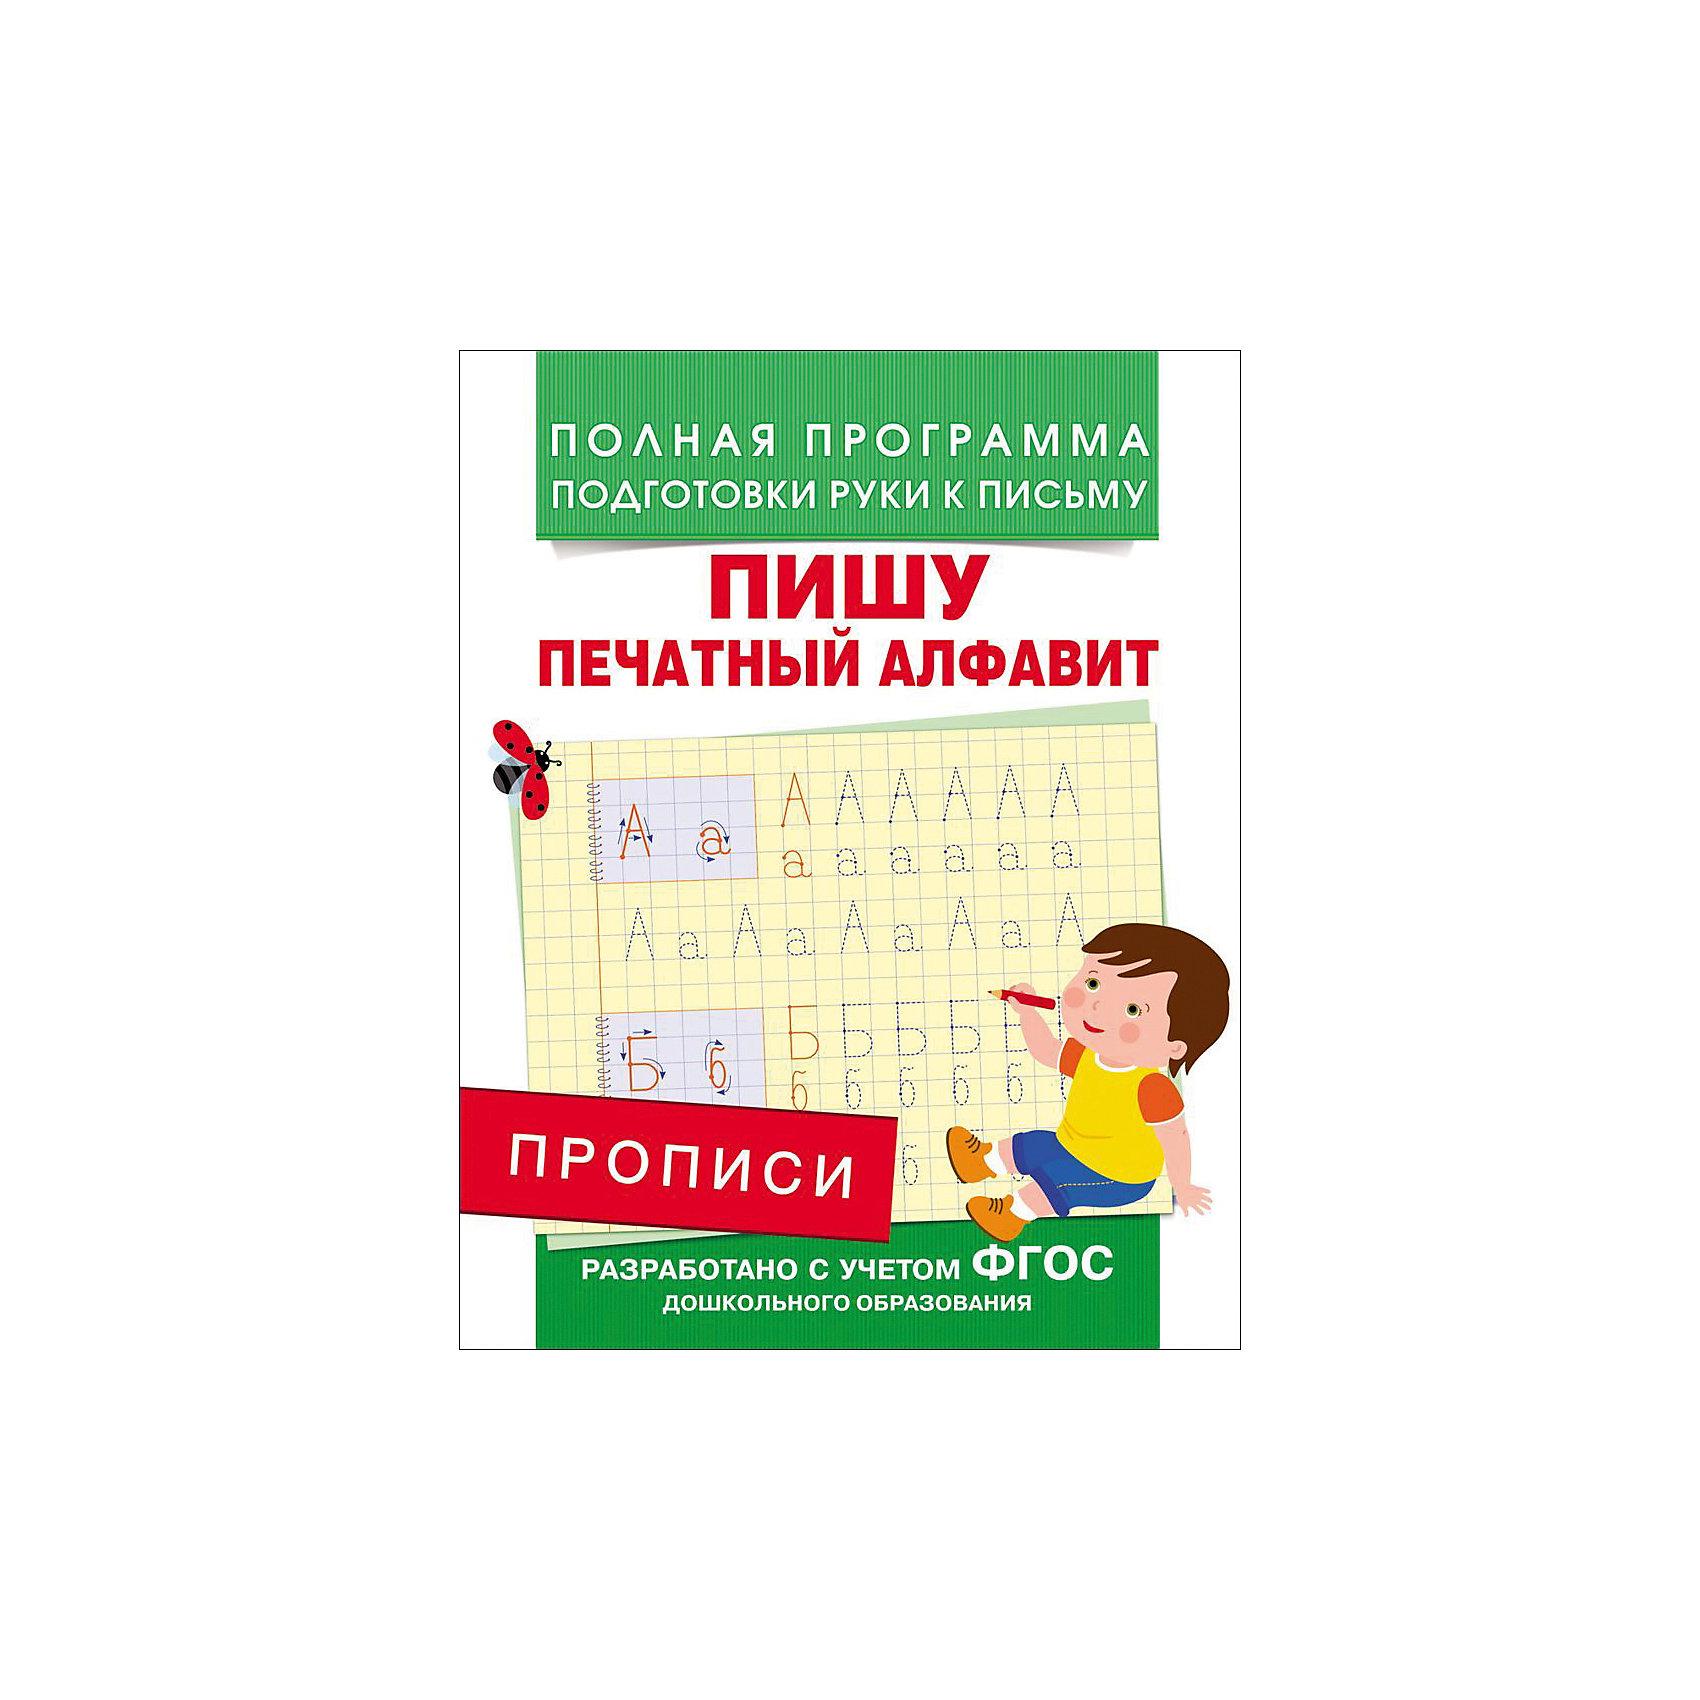 Прописи Пишу печатный алфавитХарактеристики товара:<br><br>- цвет: разноцветный;<br>- материал: бумага;<br>- страниц: 16;<br>- формат: 16 х 20 см;<br>- обложка: мягкая;<br>- развивающее издание.<br><br>Это интересное развивающее издание станет отличным подарком для родителей и ребенка. Оно содержит в себе задания в игровой форме, с помощью которых учиться писать гораздо проще. Всё представлено в очень простой форме! Это издание поможет привить любовь к учебе!<br>Такое обучение помогает ребенку развивать зрительную память, концентрацию внимания и воображение. Издание произведено из качественных материалов, которые безопасны даже для самых маленьких.<br><br>Издание Прописи. Пишу печатный алфавит от компании Росмэн можно купить в нашем интернет-магазине.<br><br>Ширина мм: 204<br>Глубина мм: 163<br>Высота мм: 1<br>Вес г: 30<br>Возраст от месяцев: 60<br>Возраст до месяцев: 84<br>Пол: Унисекс<br>Возраст: Детский<br>SKU: 5110025